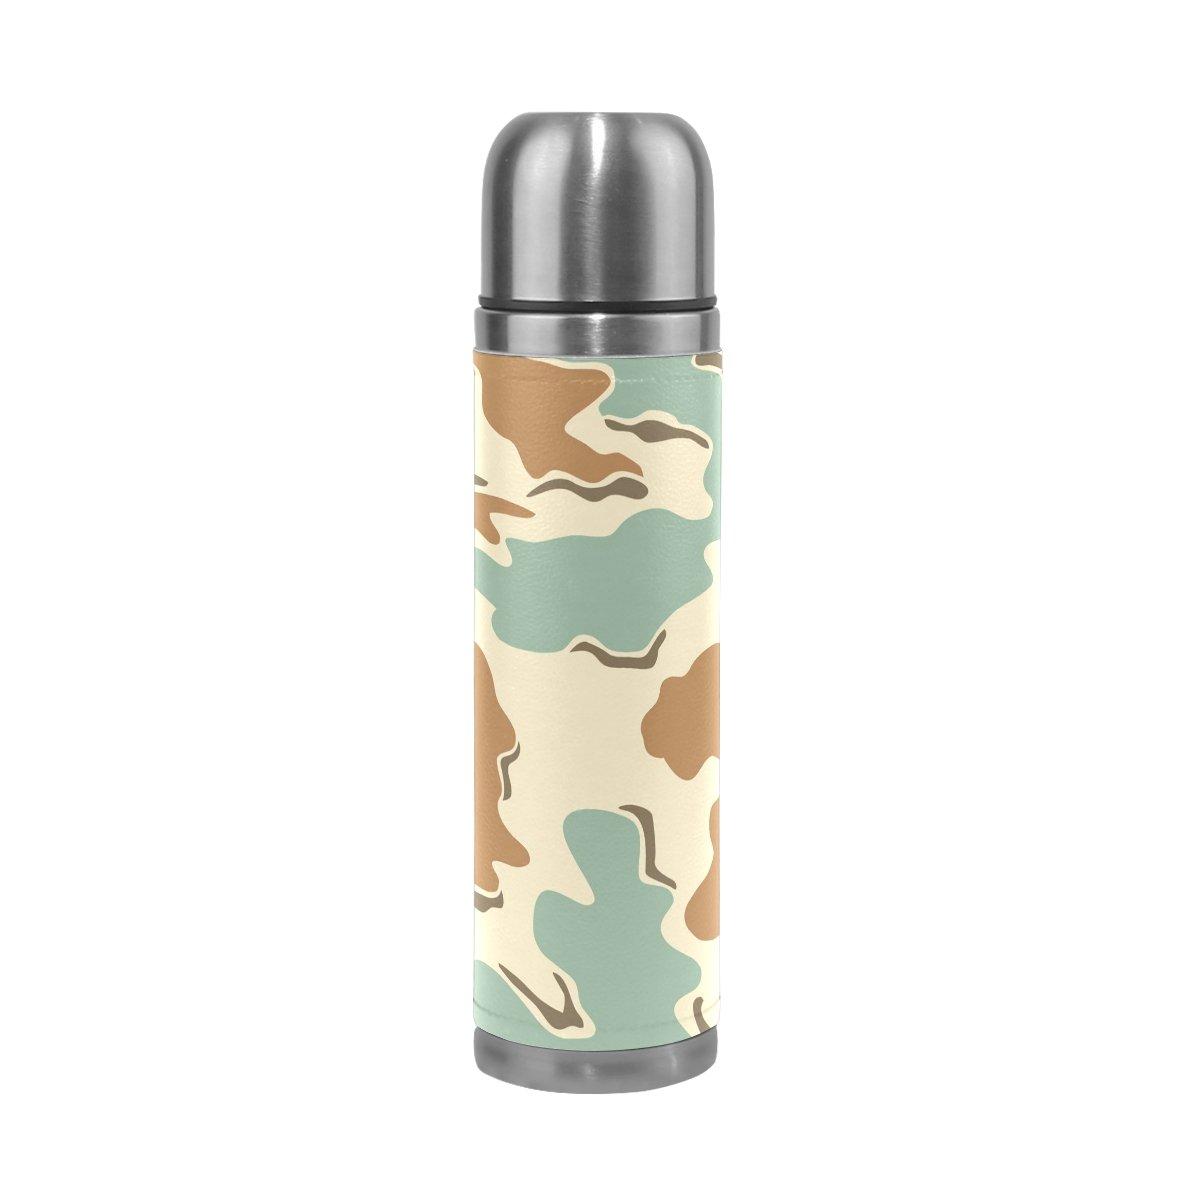 JSTeL迷彩16ステンレススチールウォーターボトル真空断熱真空ボトルを漏れ防止ダブルホットコーヒーまたはコールドティー+ Drink Cup Top 500 ml B075F6NRPR